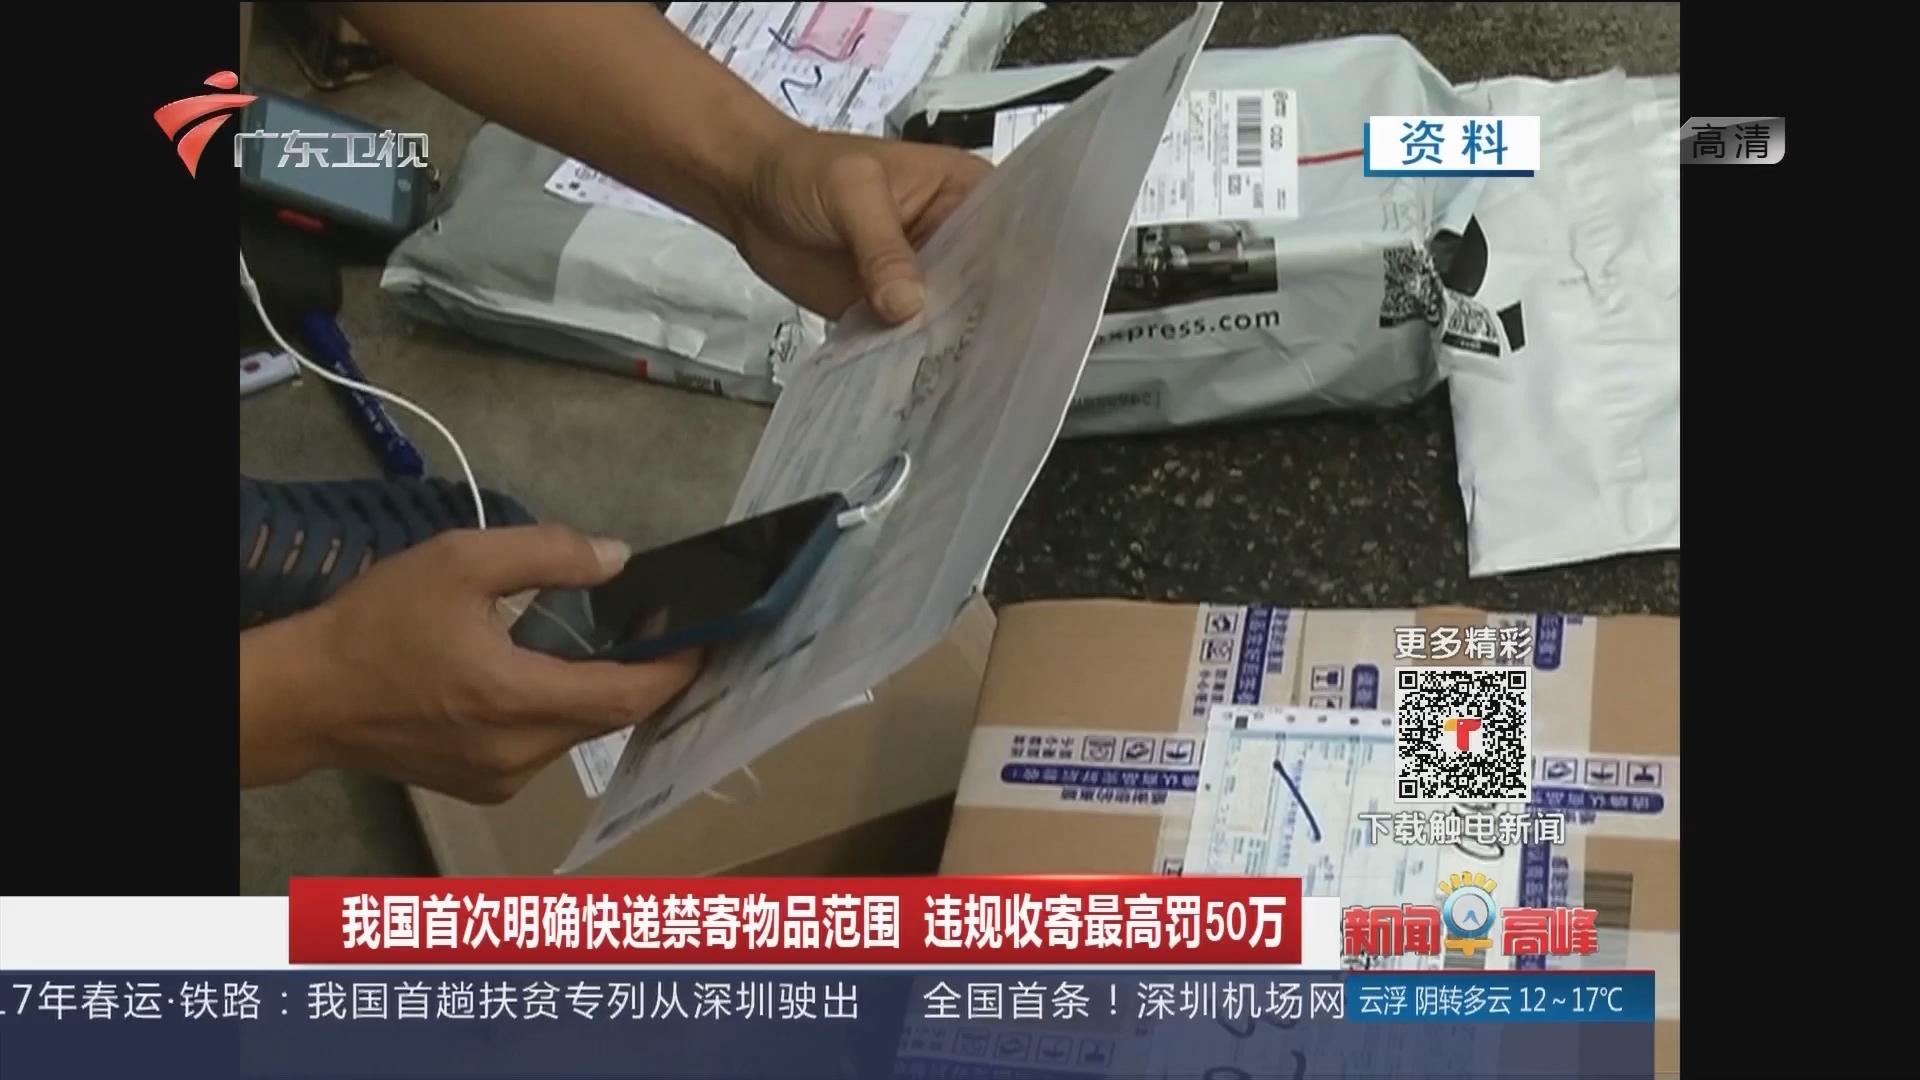 我国首次明确快递禁寄物品范围 违规收寄最高罚50万